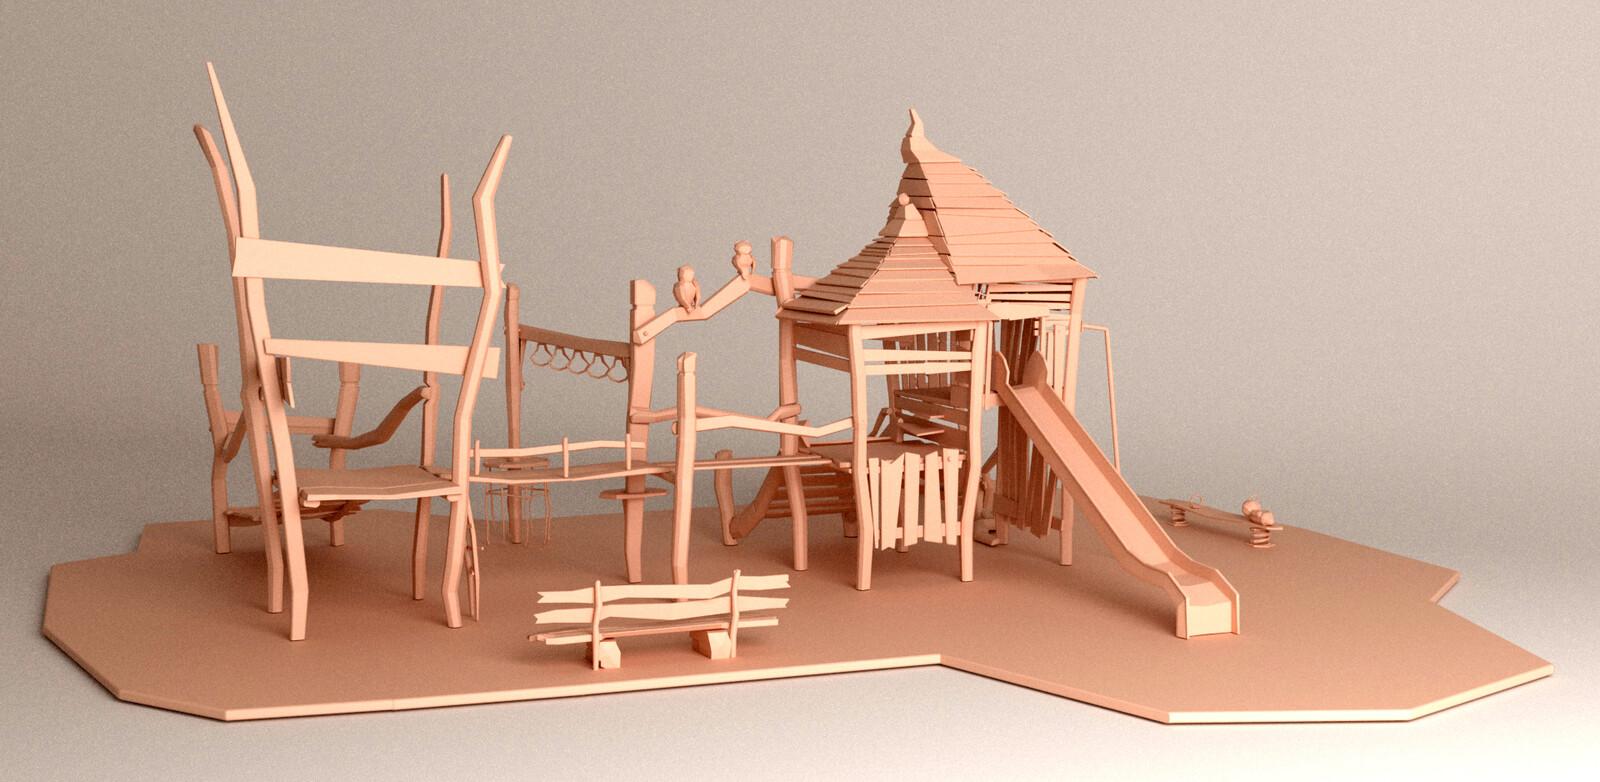 3D model, full scene, back-left view